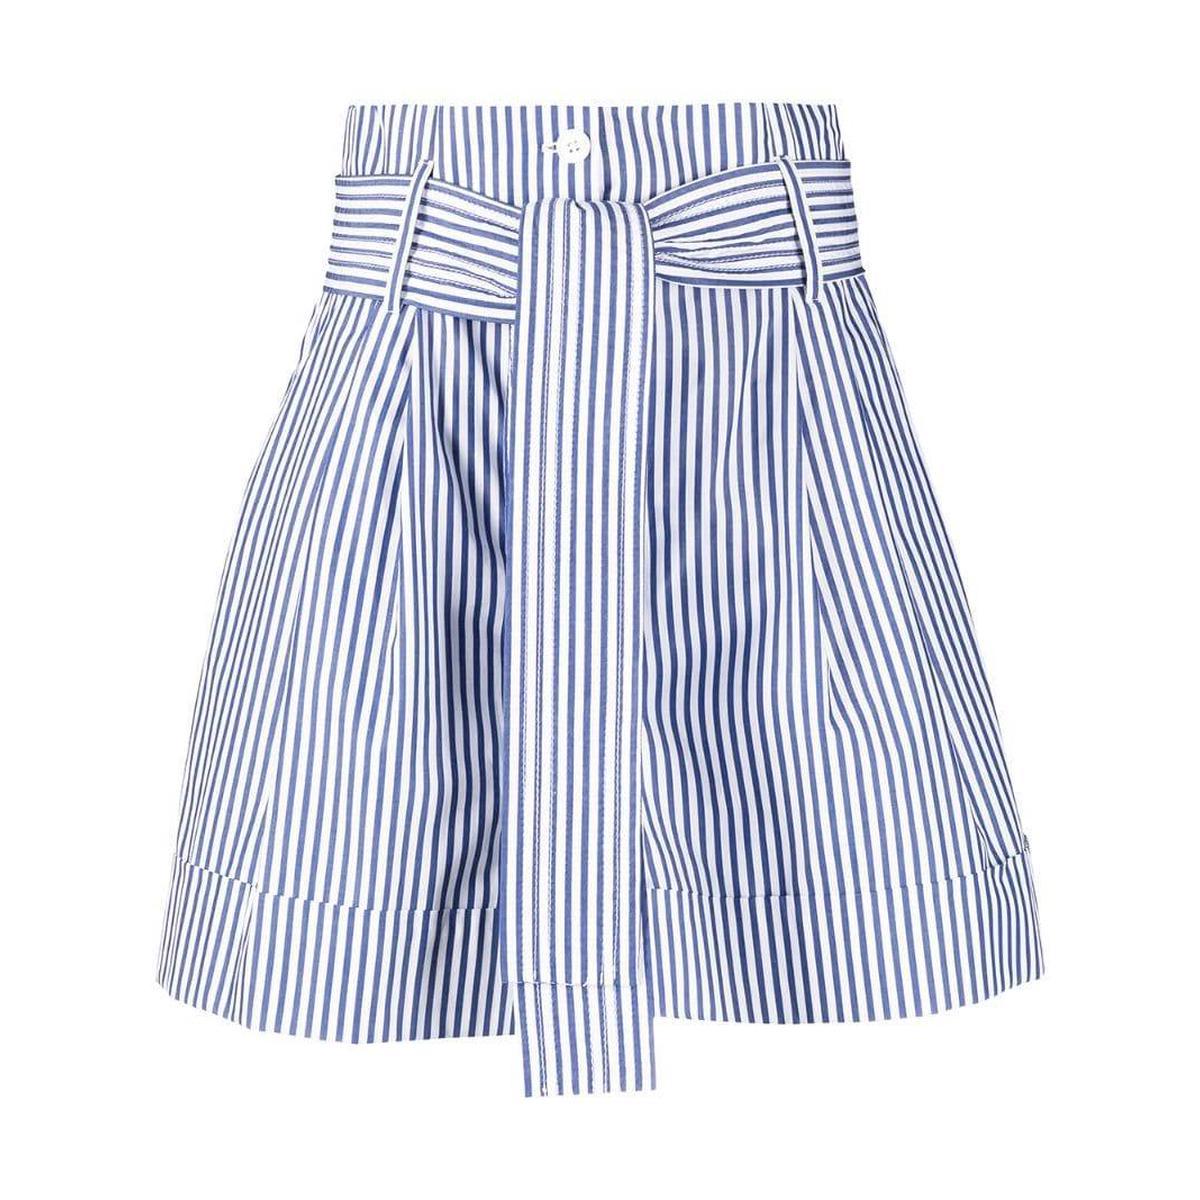 代购Parosh 条纹束腰短裤女2021新款奢侈品